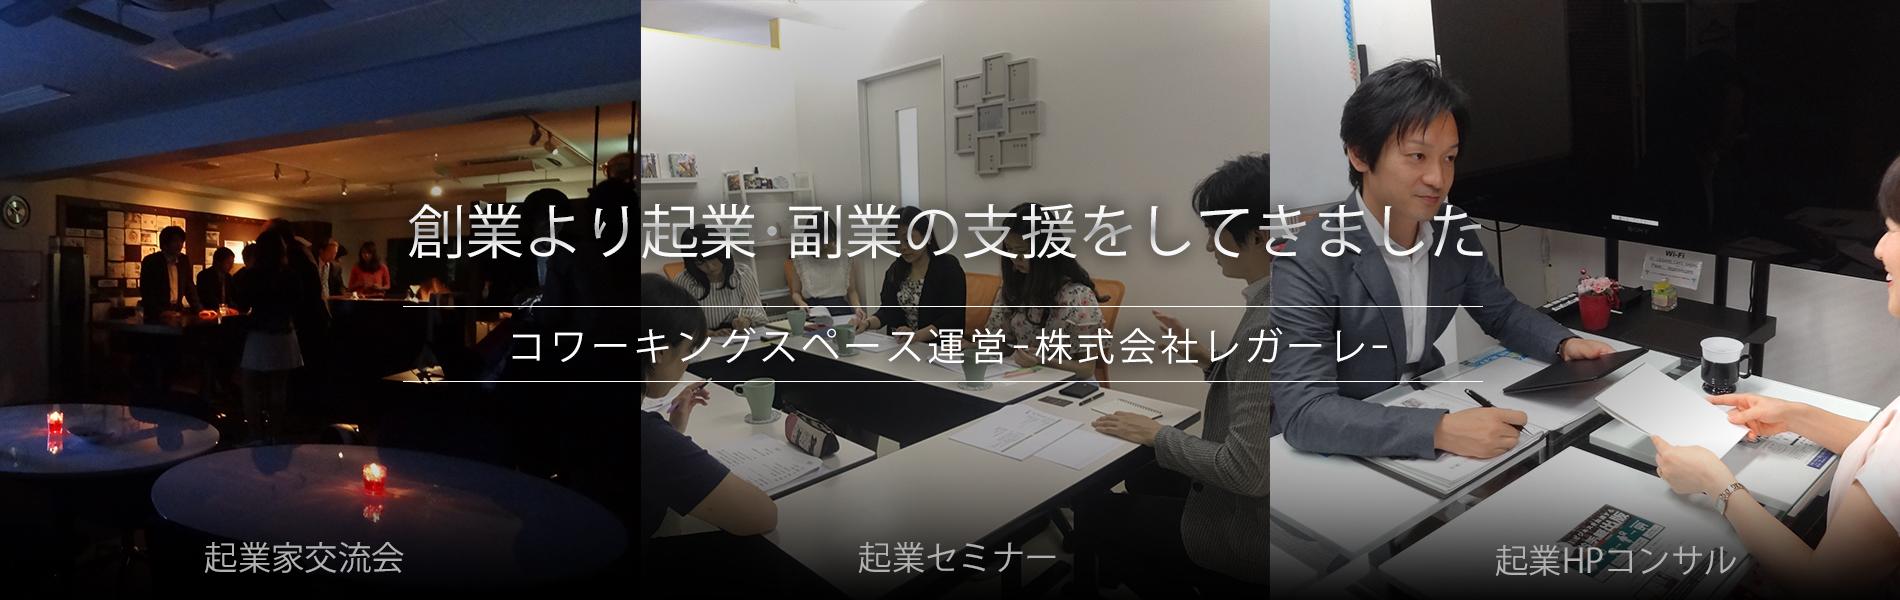 名古屋起業セミナーコンサルティング